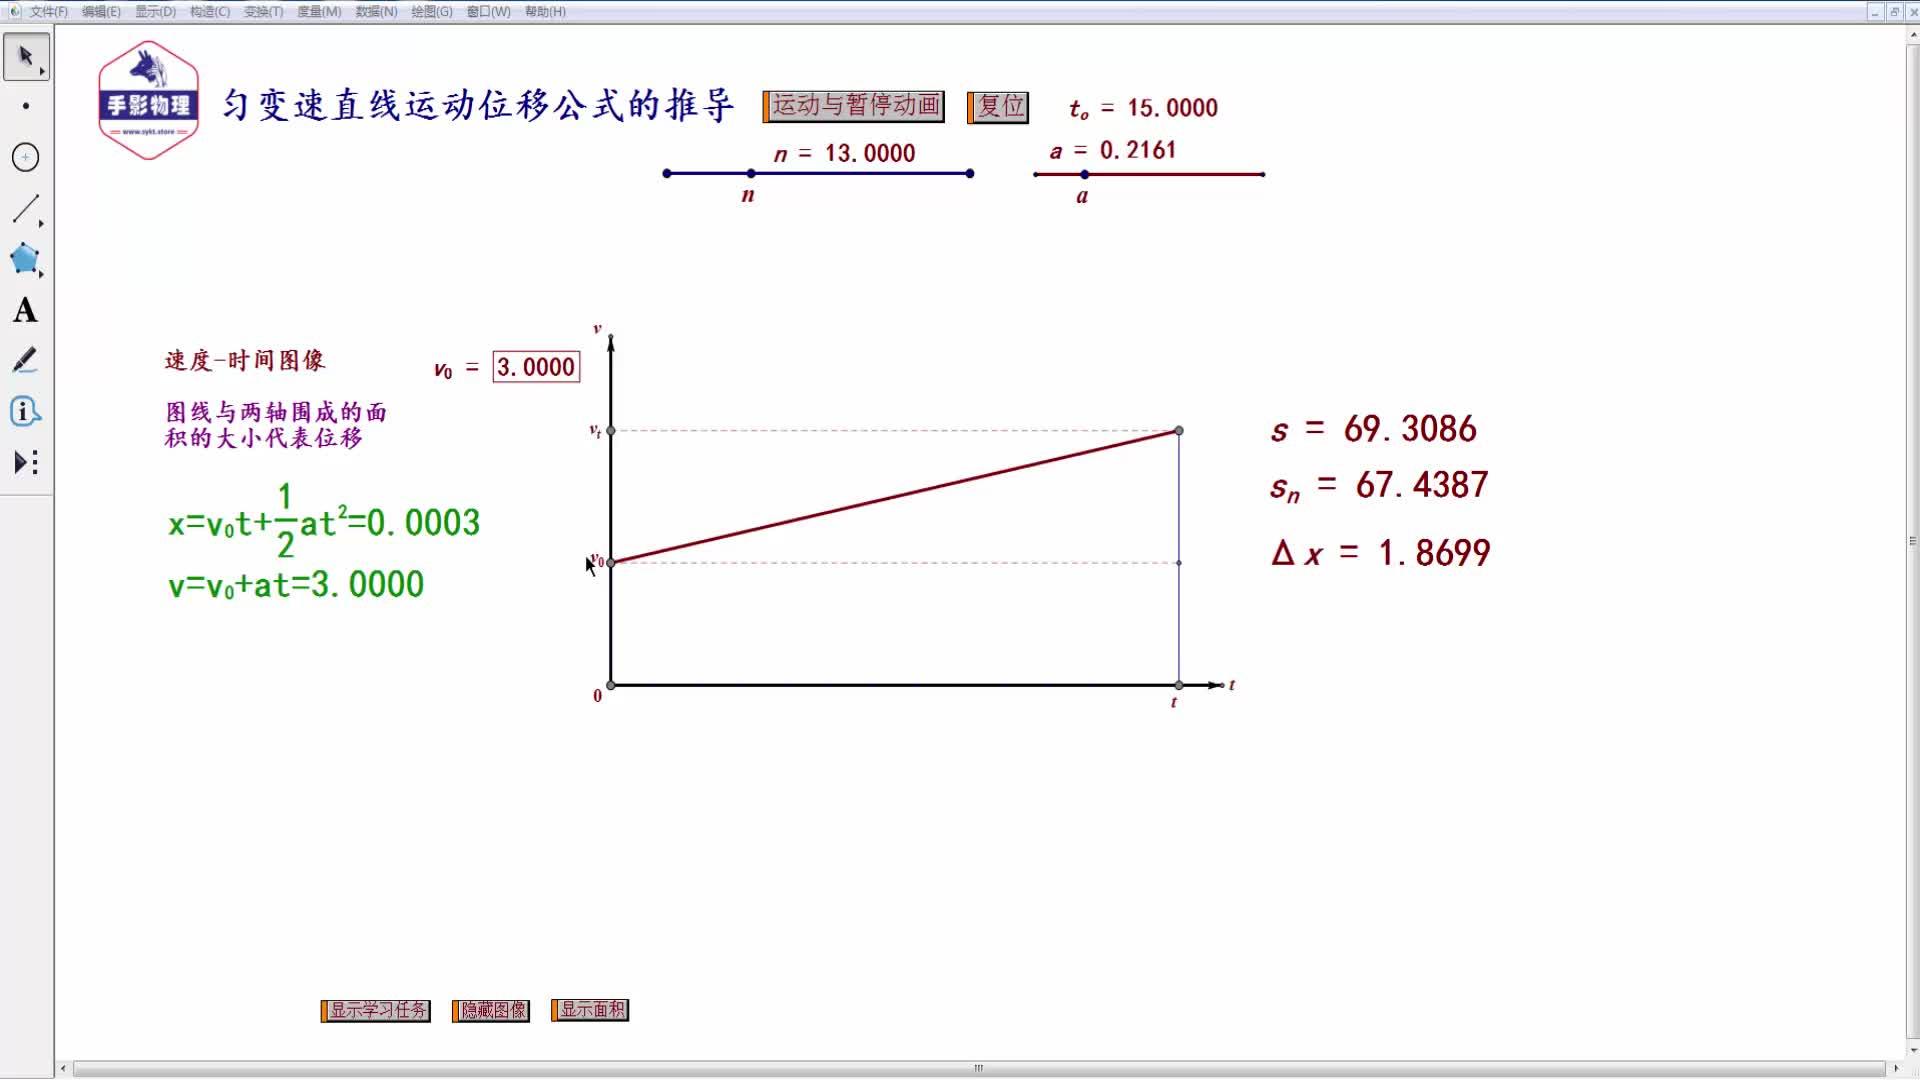 2.3匀变速直线运动的位移与时间的关系—拓展学习:匀变速直线运动位移公式的推导(课件视频资源)-【手影物理】2021版高中物理必修第一册(人教版)